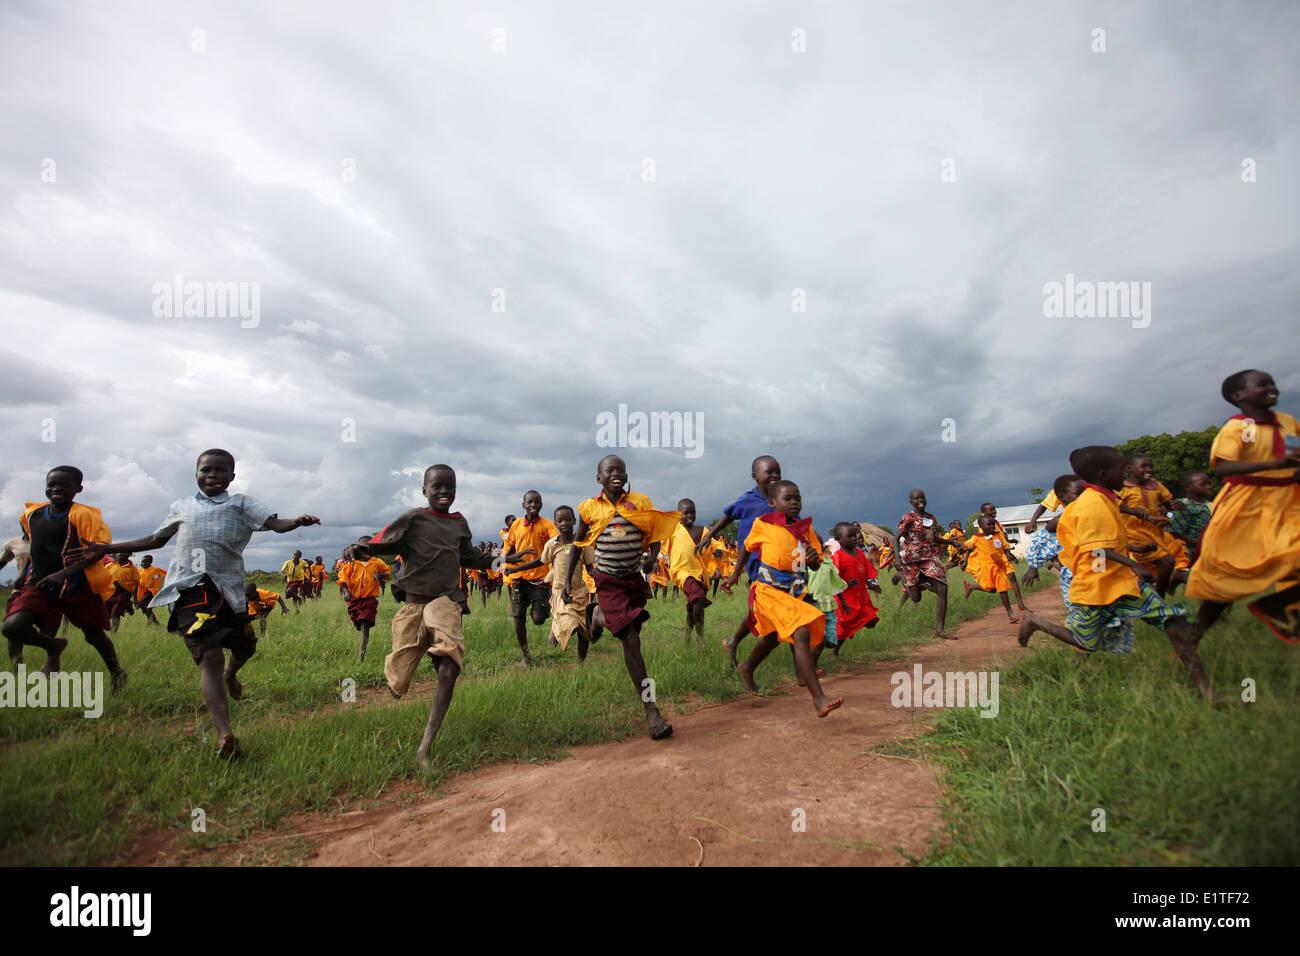 Les enfants courent dans le nord de l'Ouganda Photo Stock